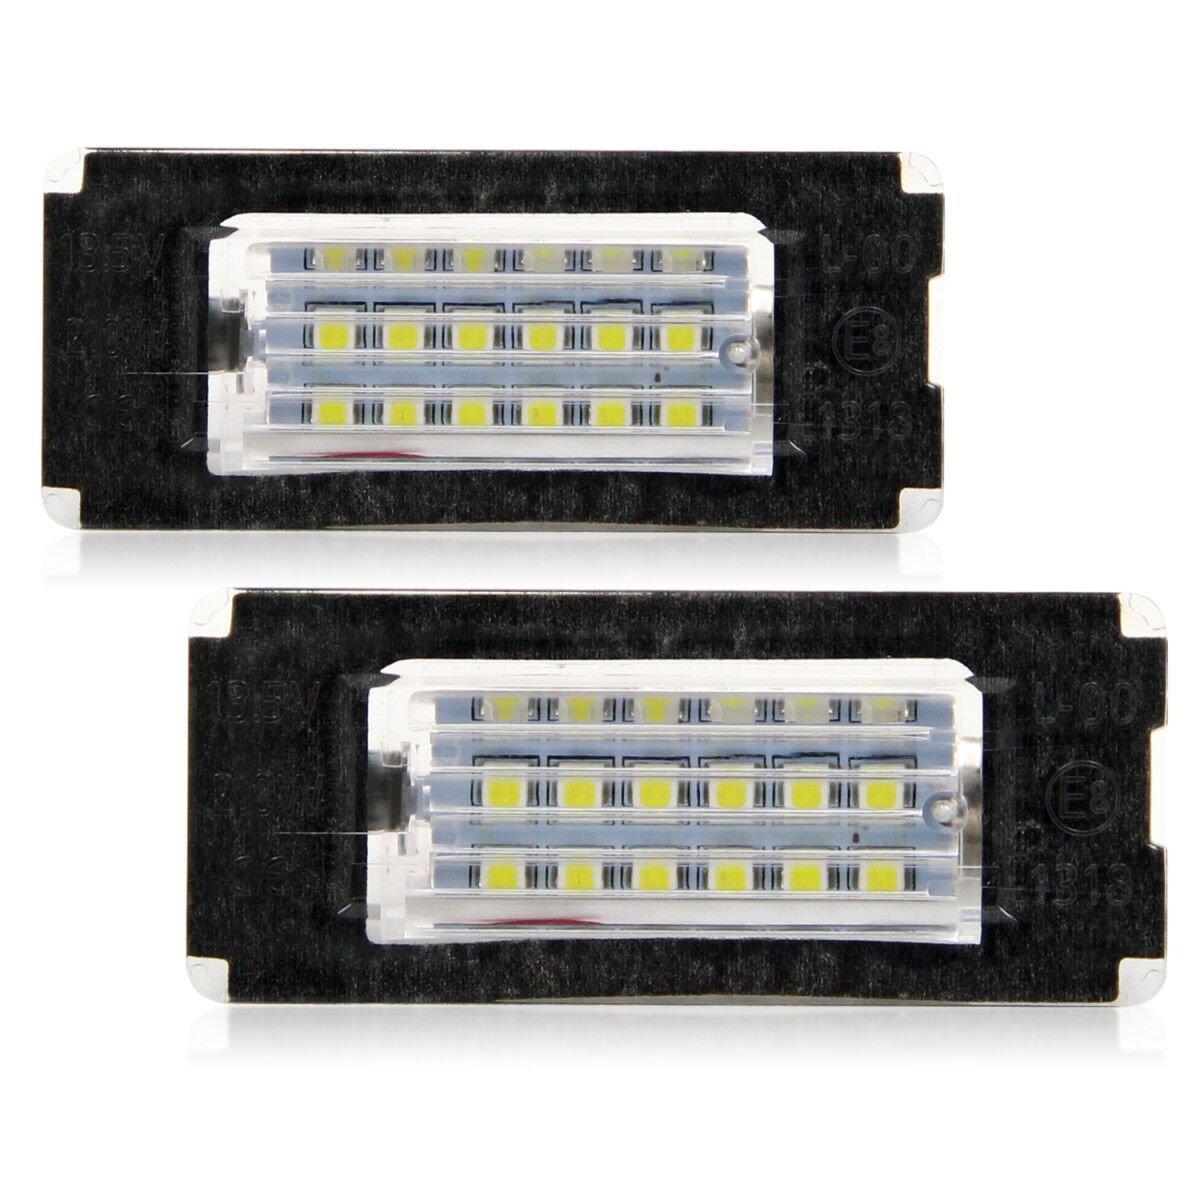 WinPower LED Luces de matr/ícula para coche L/ámpara Numero plato luces Bulbos 3582 SMD con CanBus No hay error 6000K Xen/ón Blanco frio para E39 E46 E60 E90 E91 E92 E93 F10 ect 2 Piezas